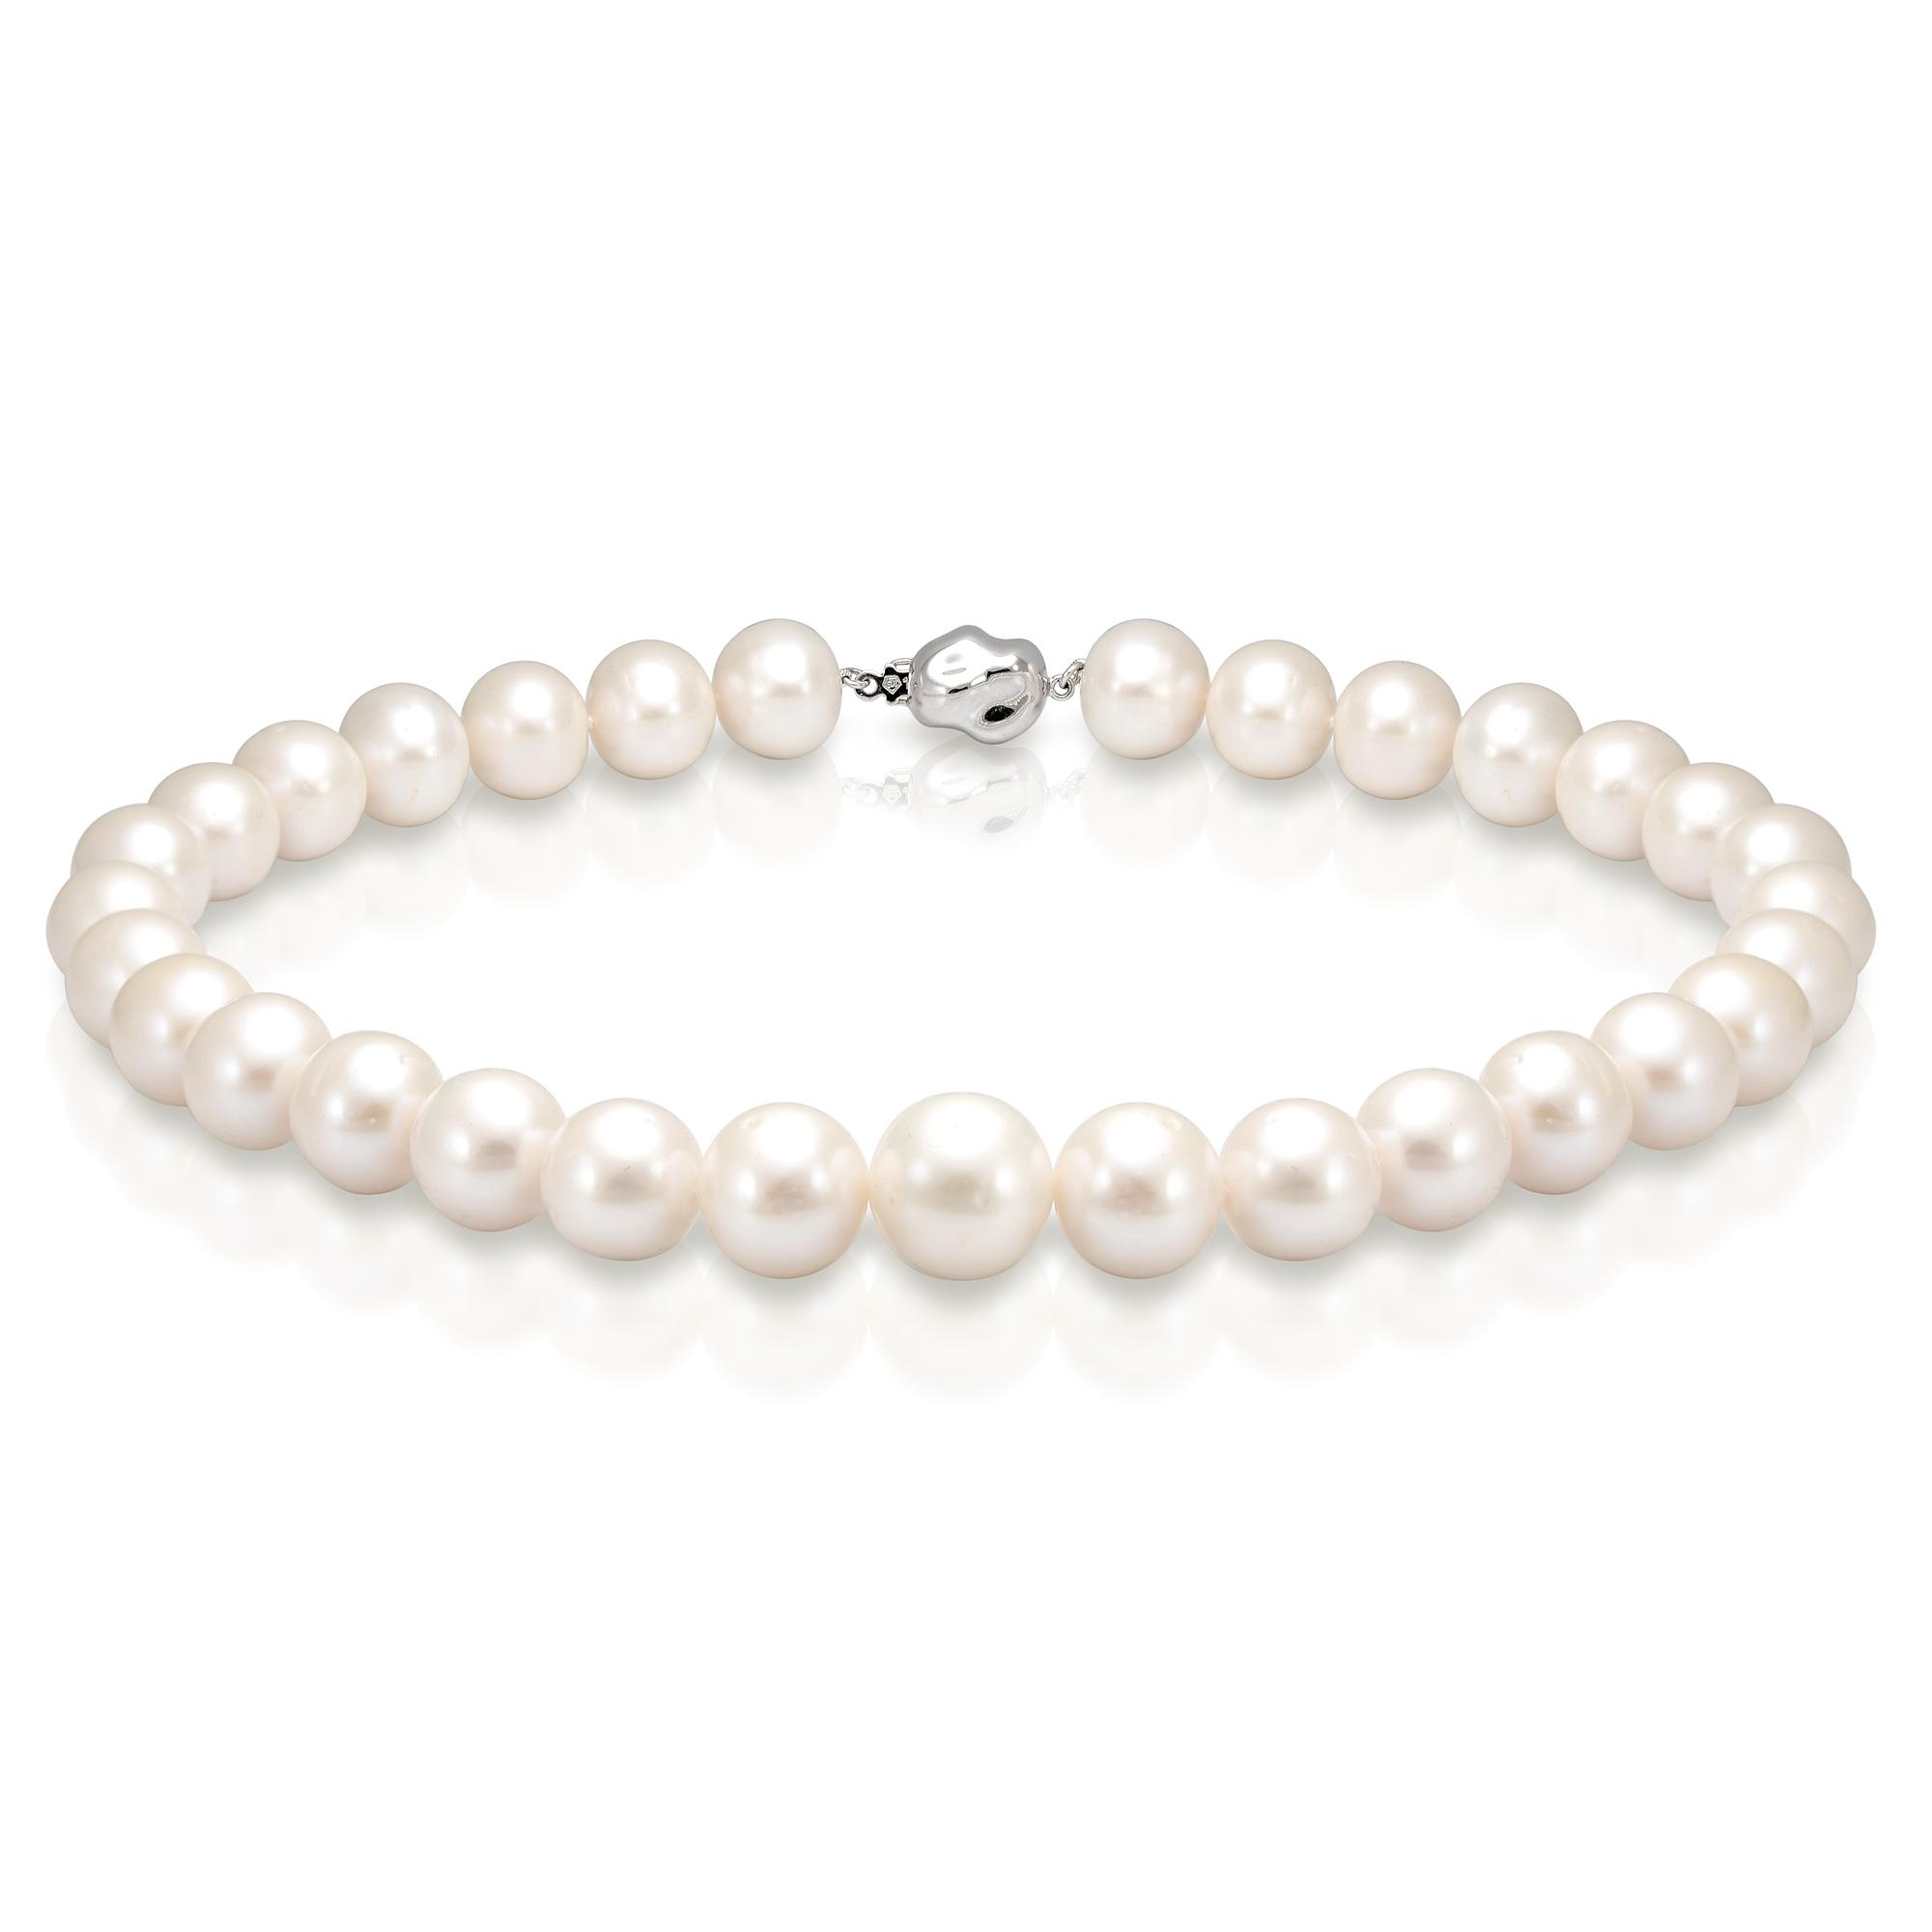 Ожерелье из белого морского жемчуга. Жемчужины 12,5-14,5 мм